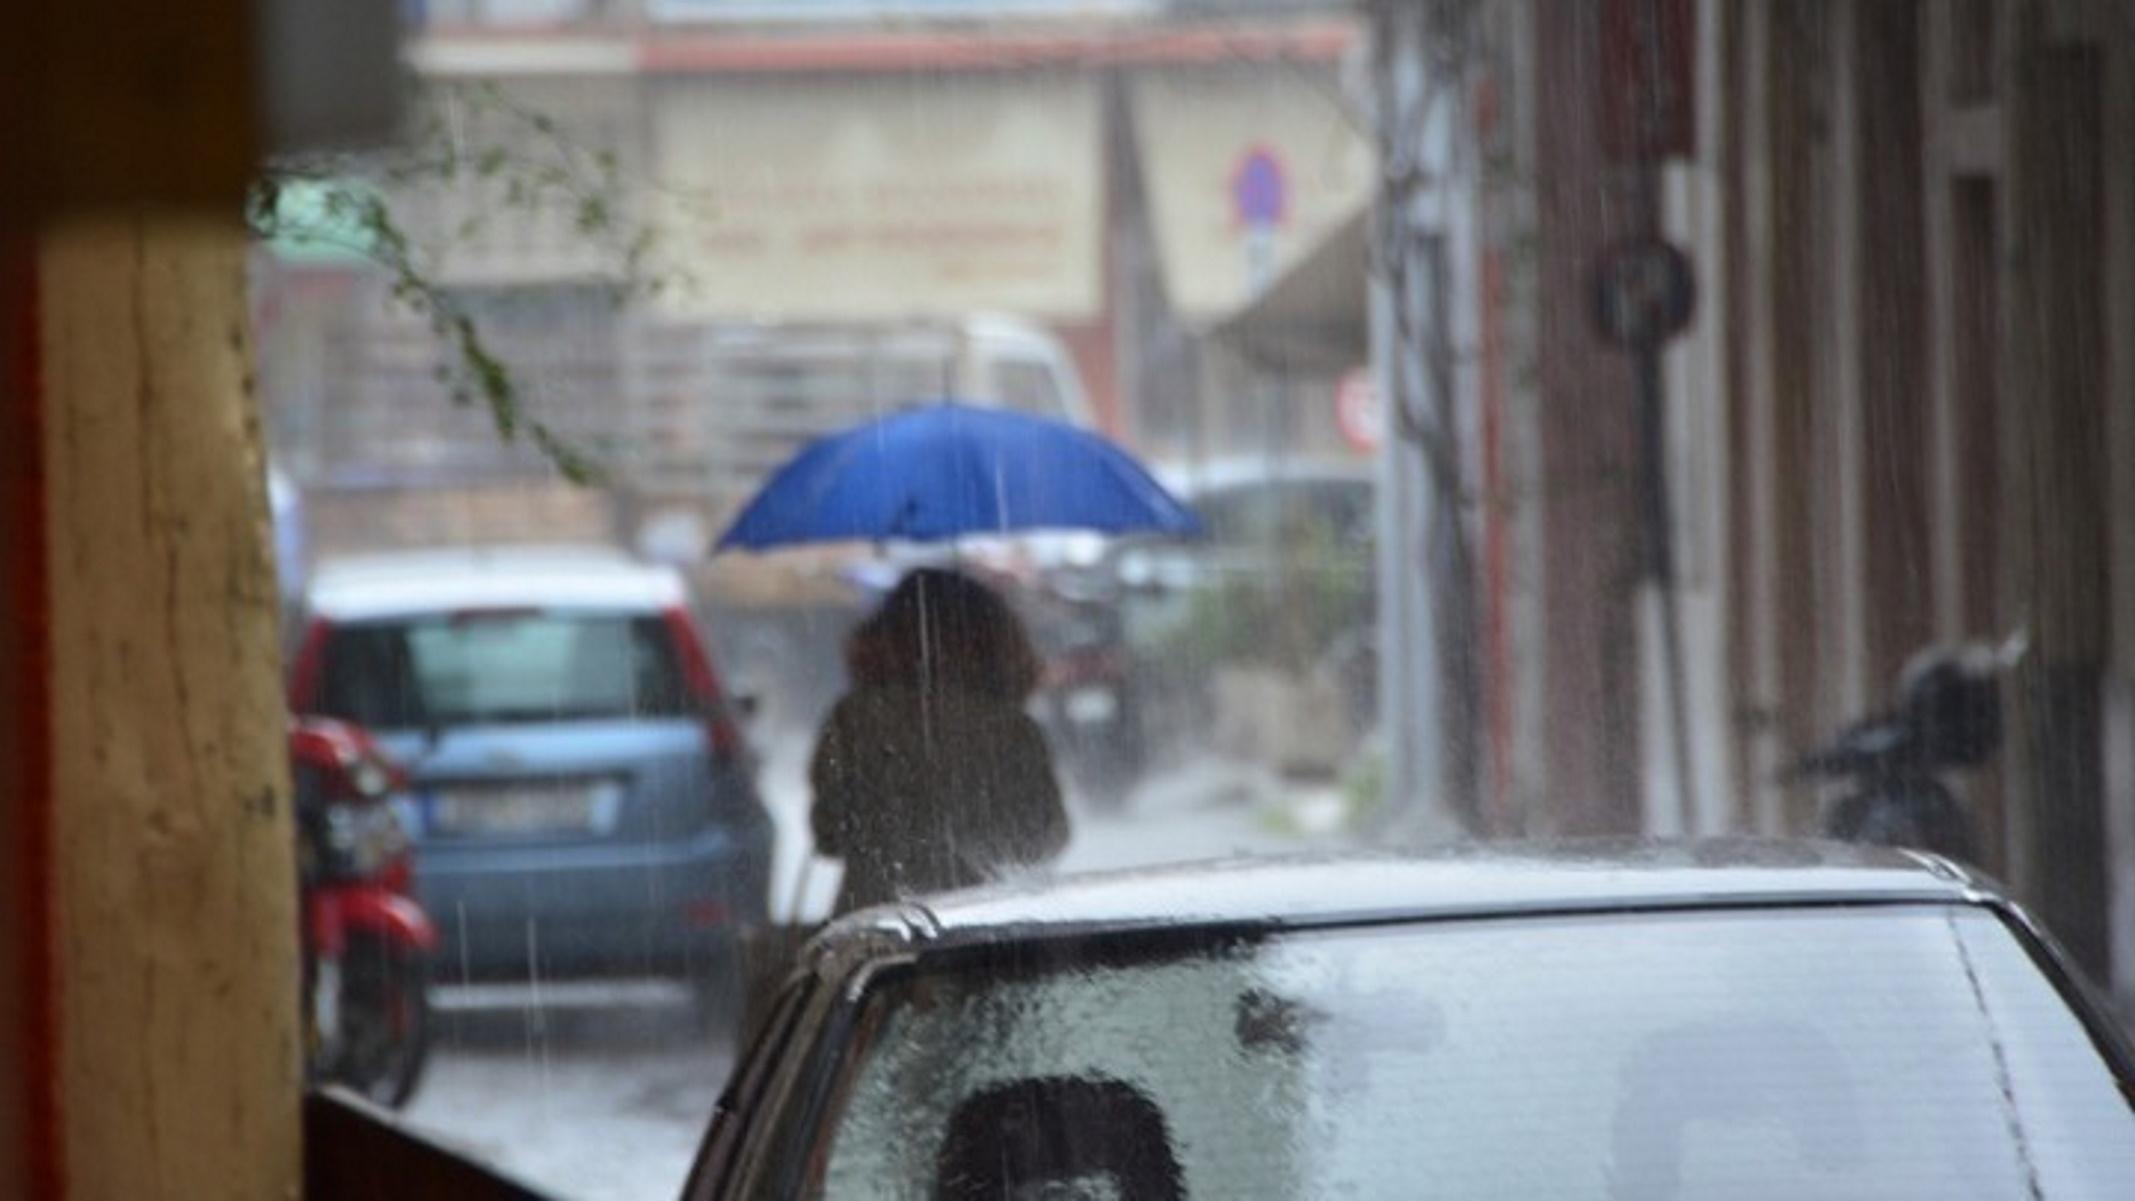 Καιρός αύριο: Ανοιξιάτικες βροχές, ομίχλες και 20άρια